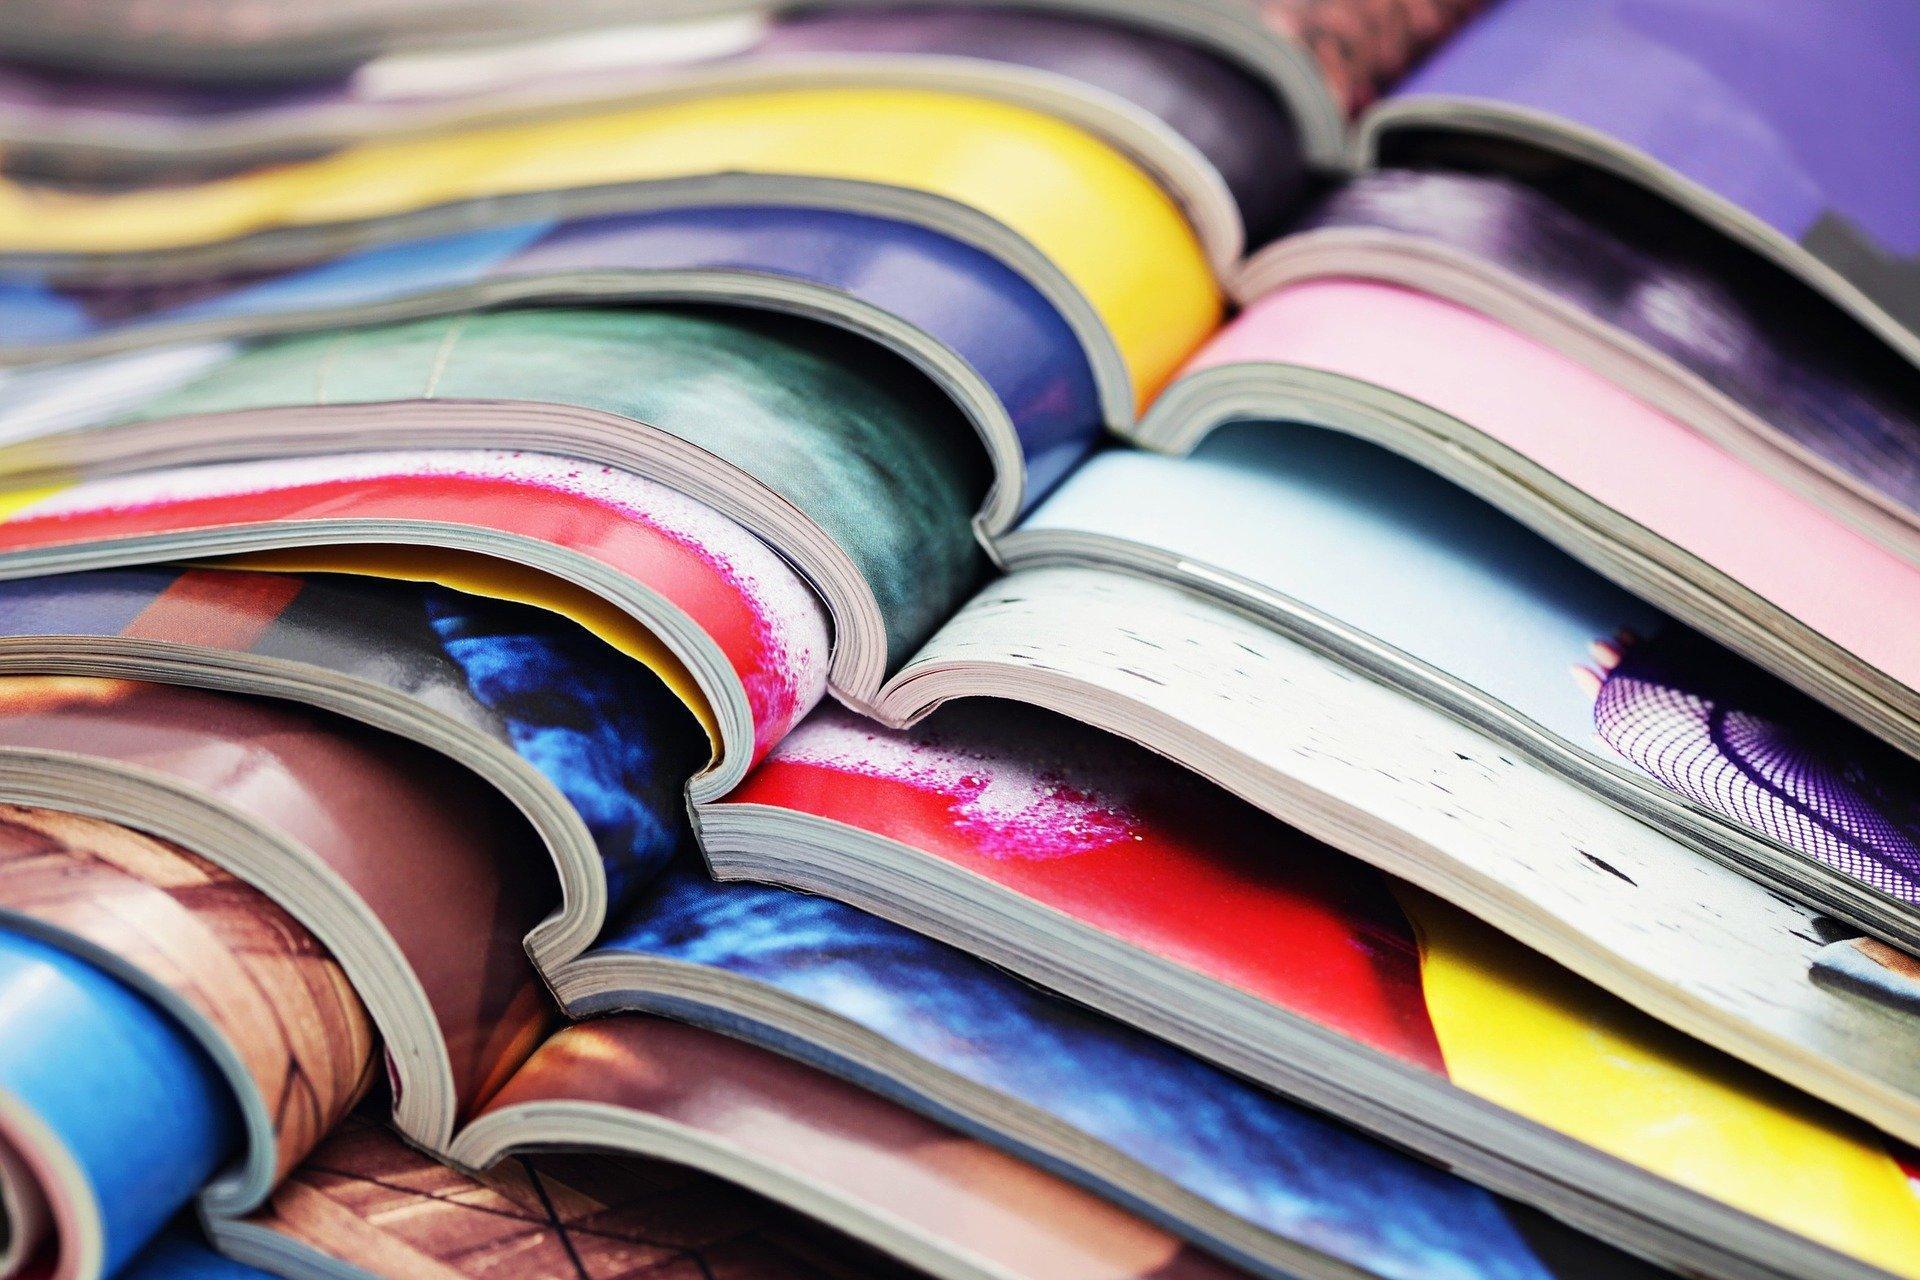 Bild von aufgeschlagenen Magazinen, Quelle: Bild von kconcha auf Pixabay